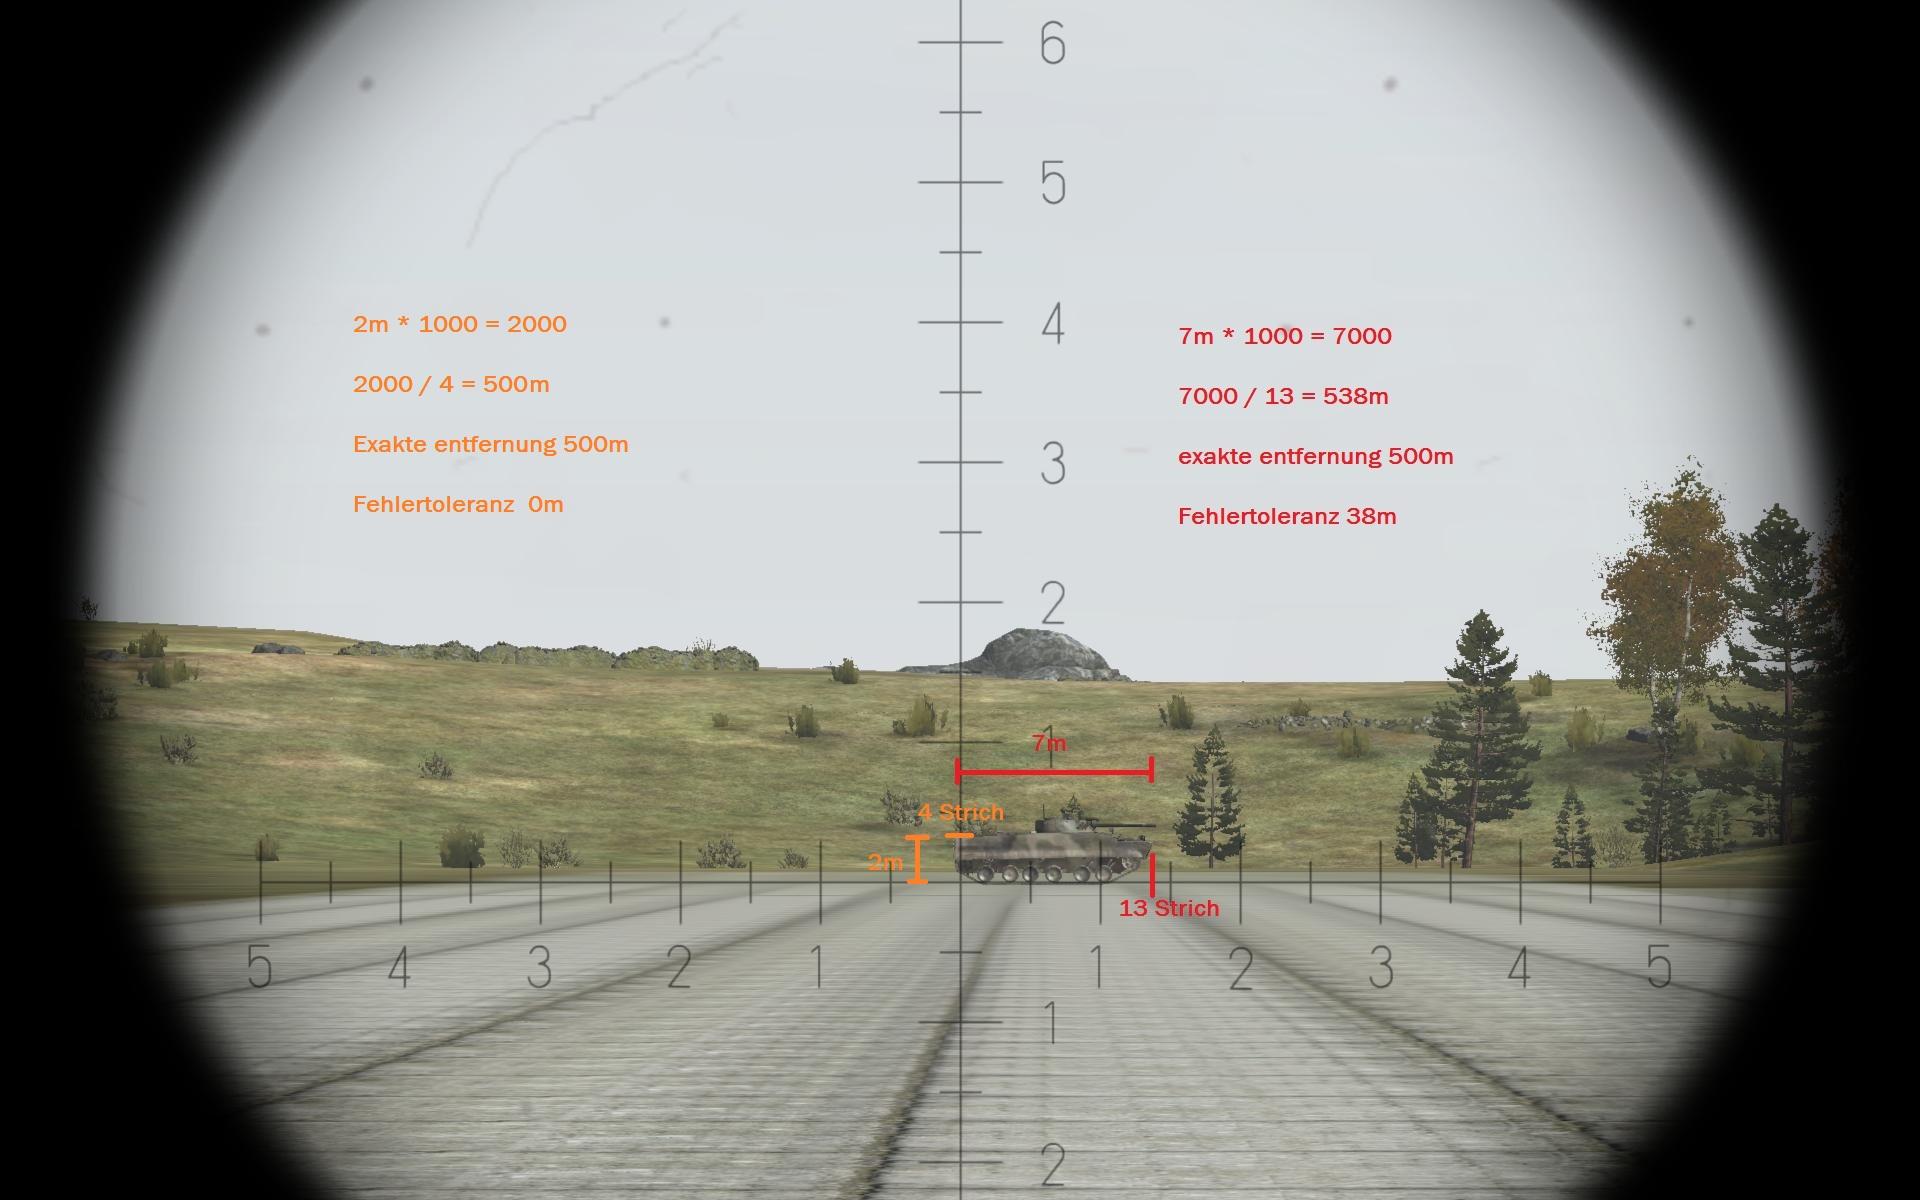 Fernglas Mit Entfernungsmesser Funktion : Fernglass archiv hx foren